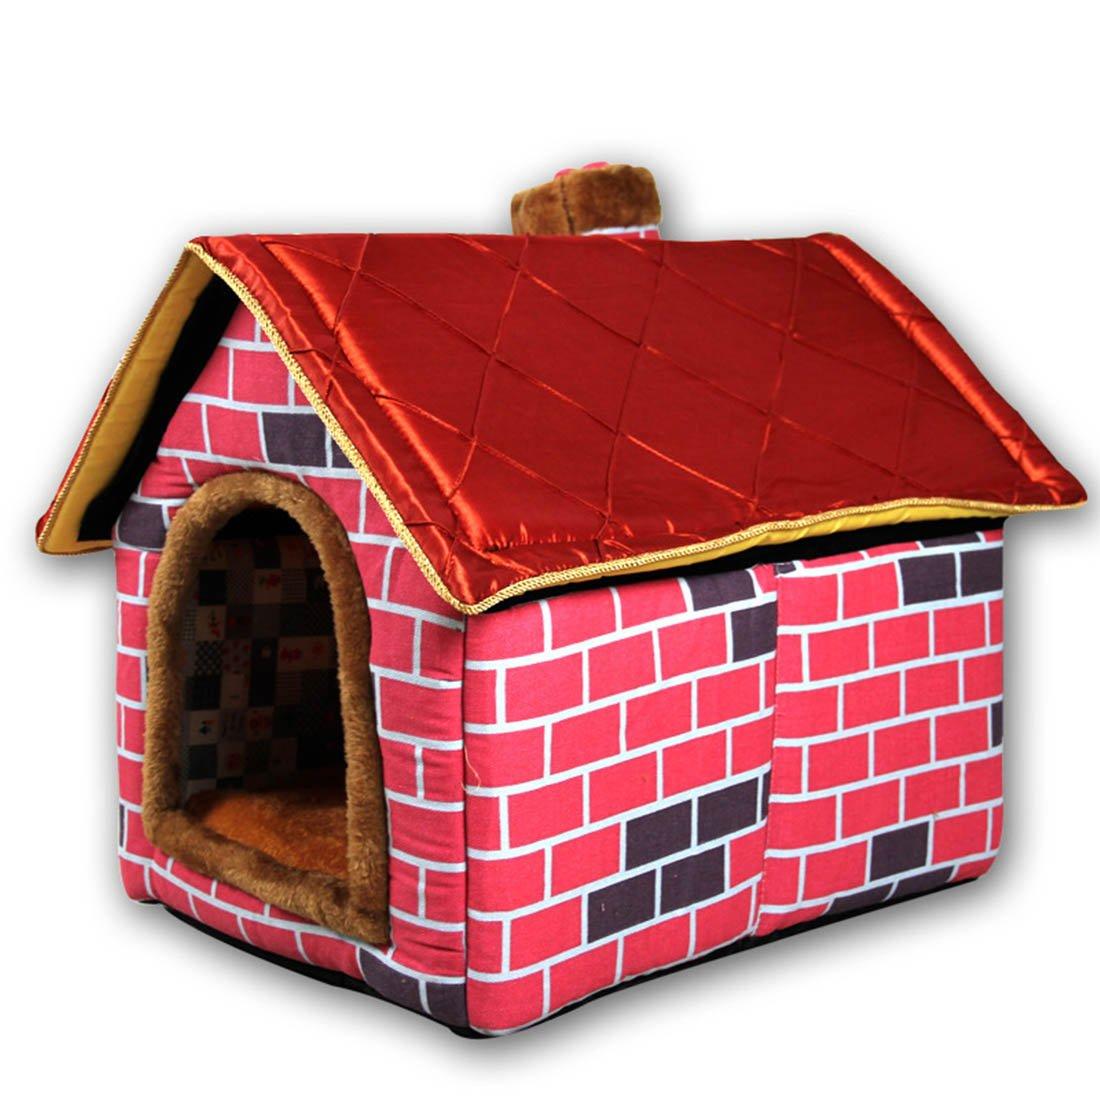 Hanshu Cálido Interior Suave caseta Mascota Grande Perro casa Perros Camas con Alfombrilla, Rojo: Amazon.es: Juguetes y juegos